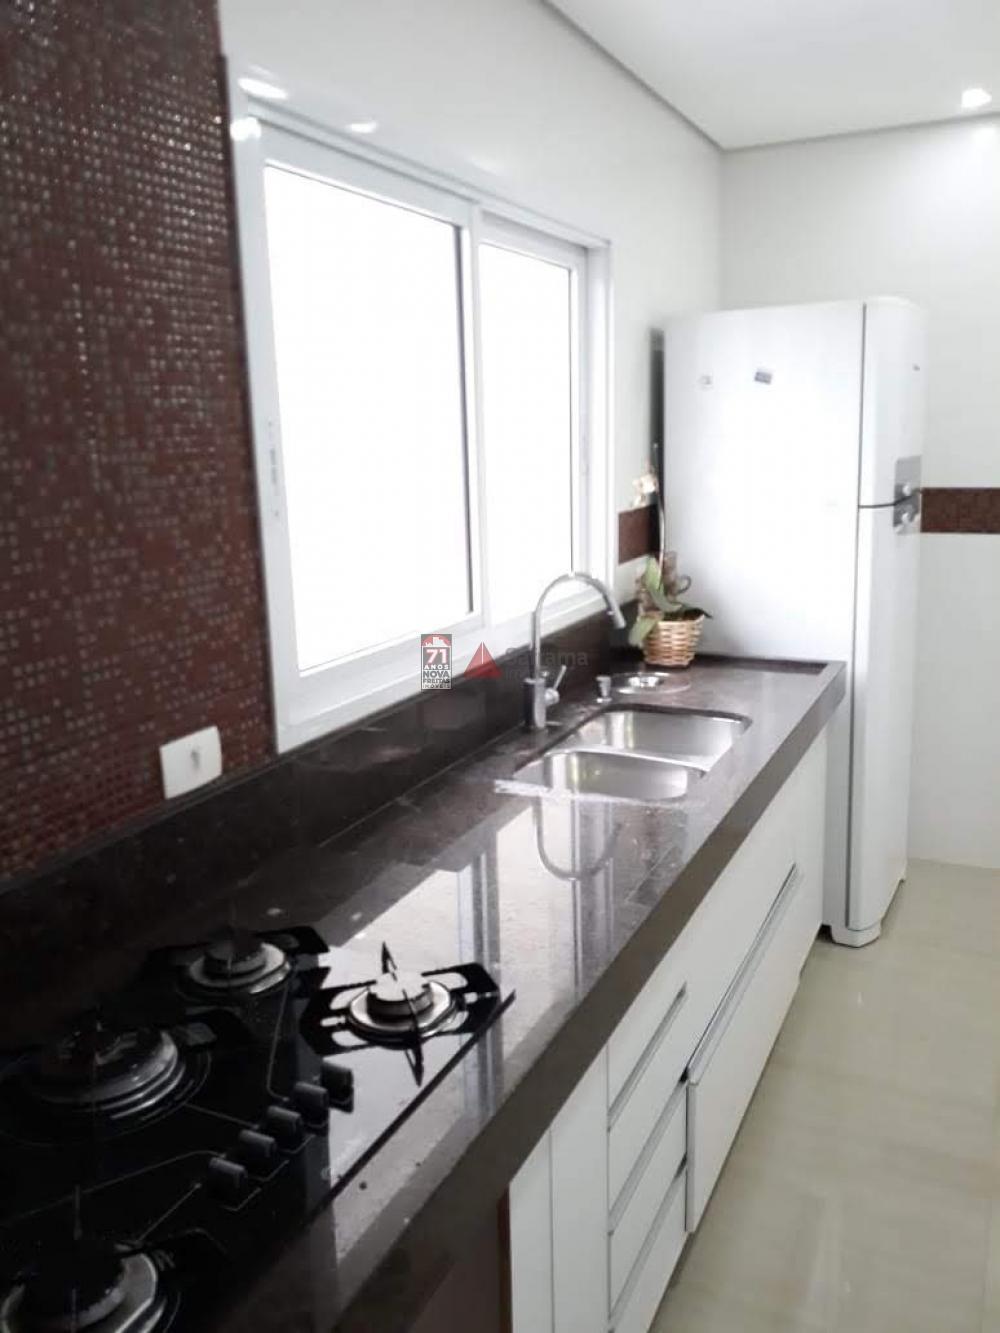 Comprar Apartamento / Padrão em Caraguatatuba apenas R$ 450.000,00 - Foto 4